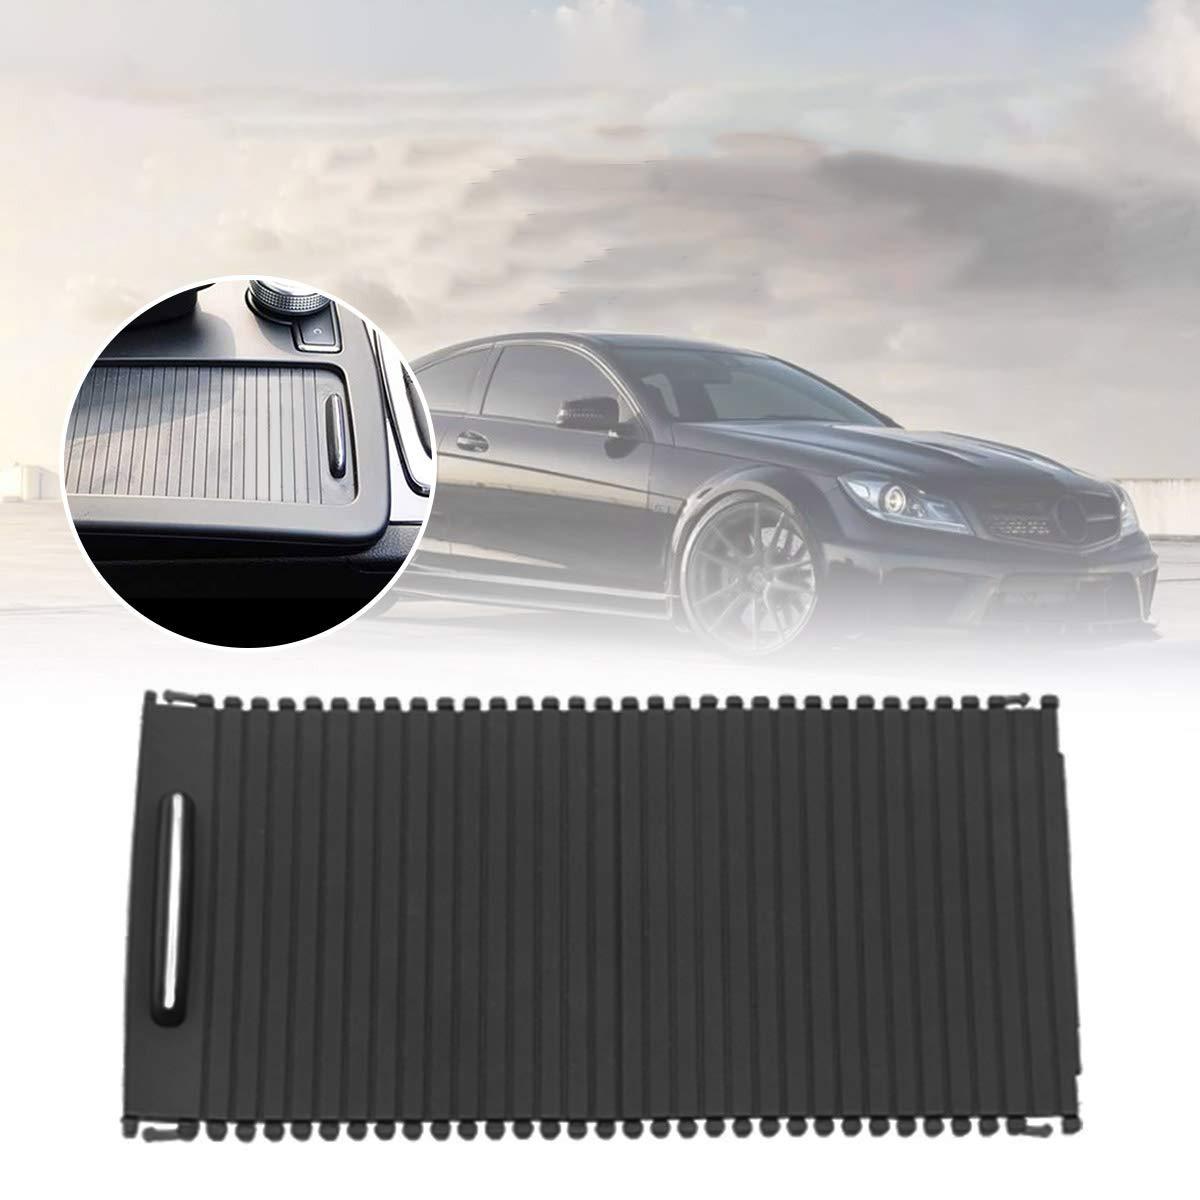 XZANTE Cubierta Interior del Rodillo De La Consola Central Interior del Automovil para Mercedes Clase C W204 S204 Clase E W212 S212 A20468076079051